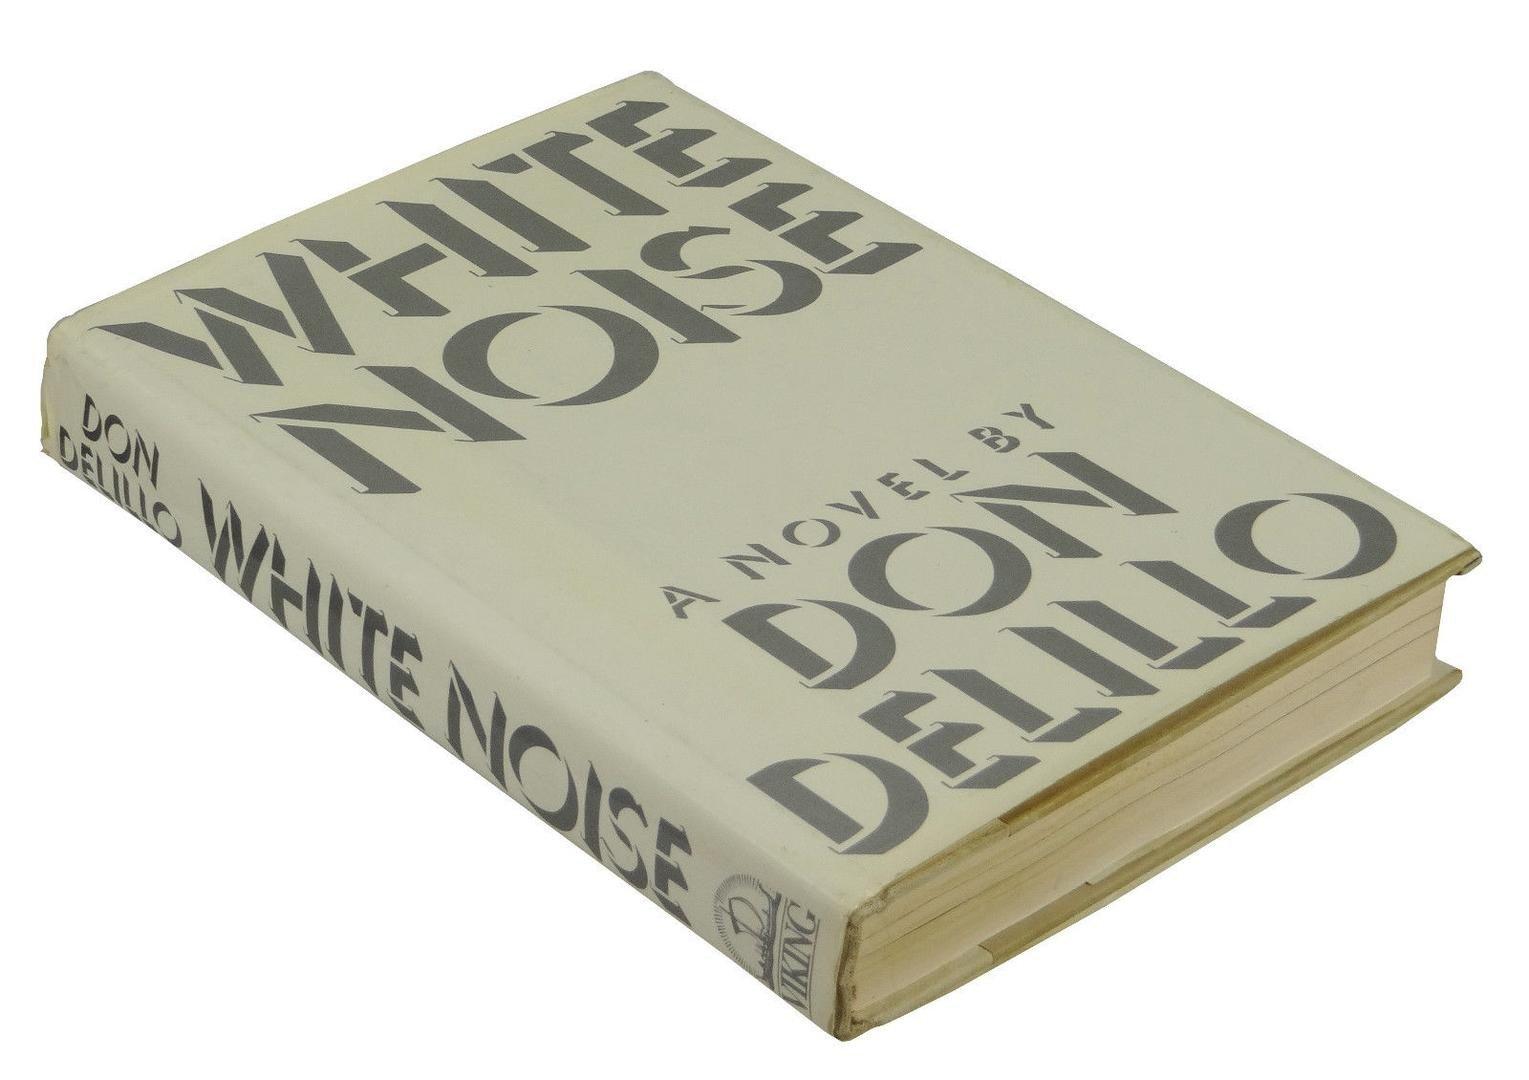 White Noise Movie Noah Baumbach